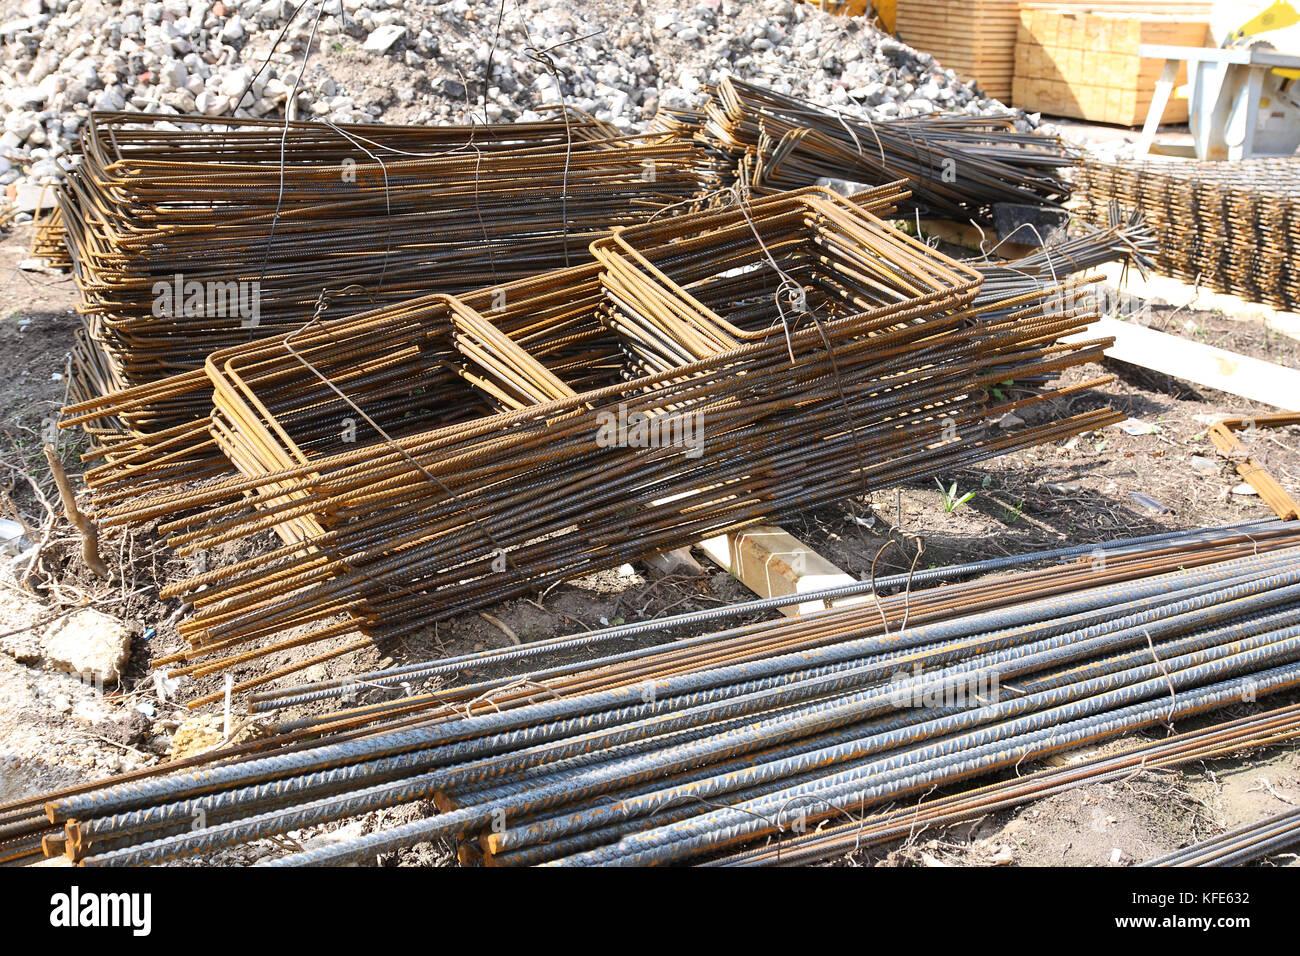 Baustahl in Form einer baustele, fertig zum Beton gießen, Verschalung Stockbild